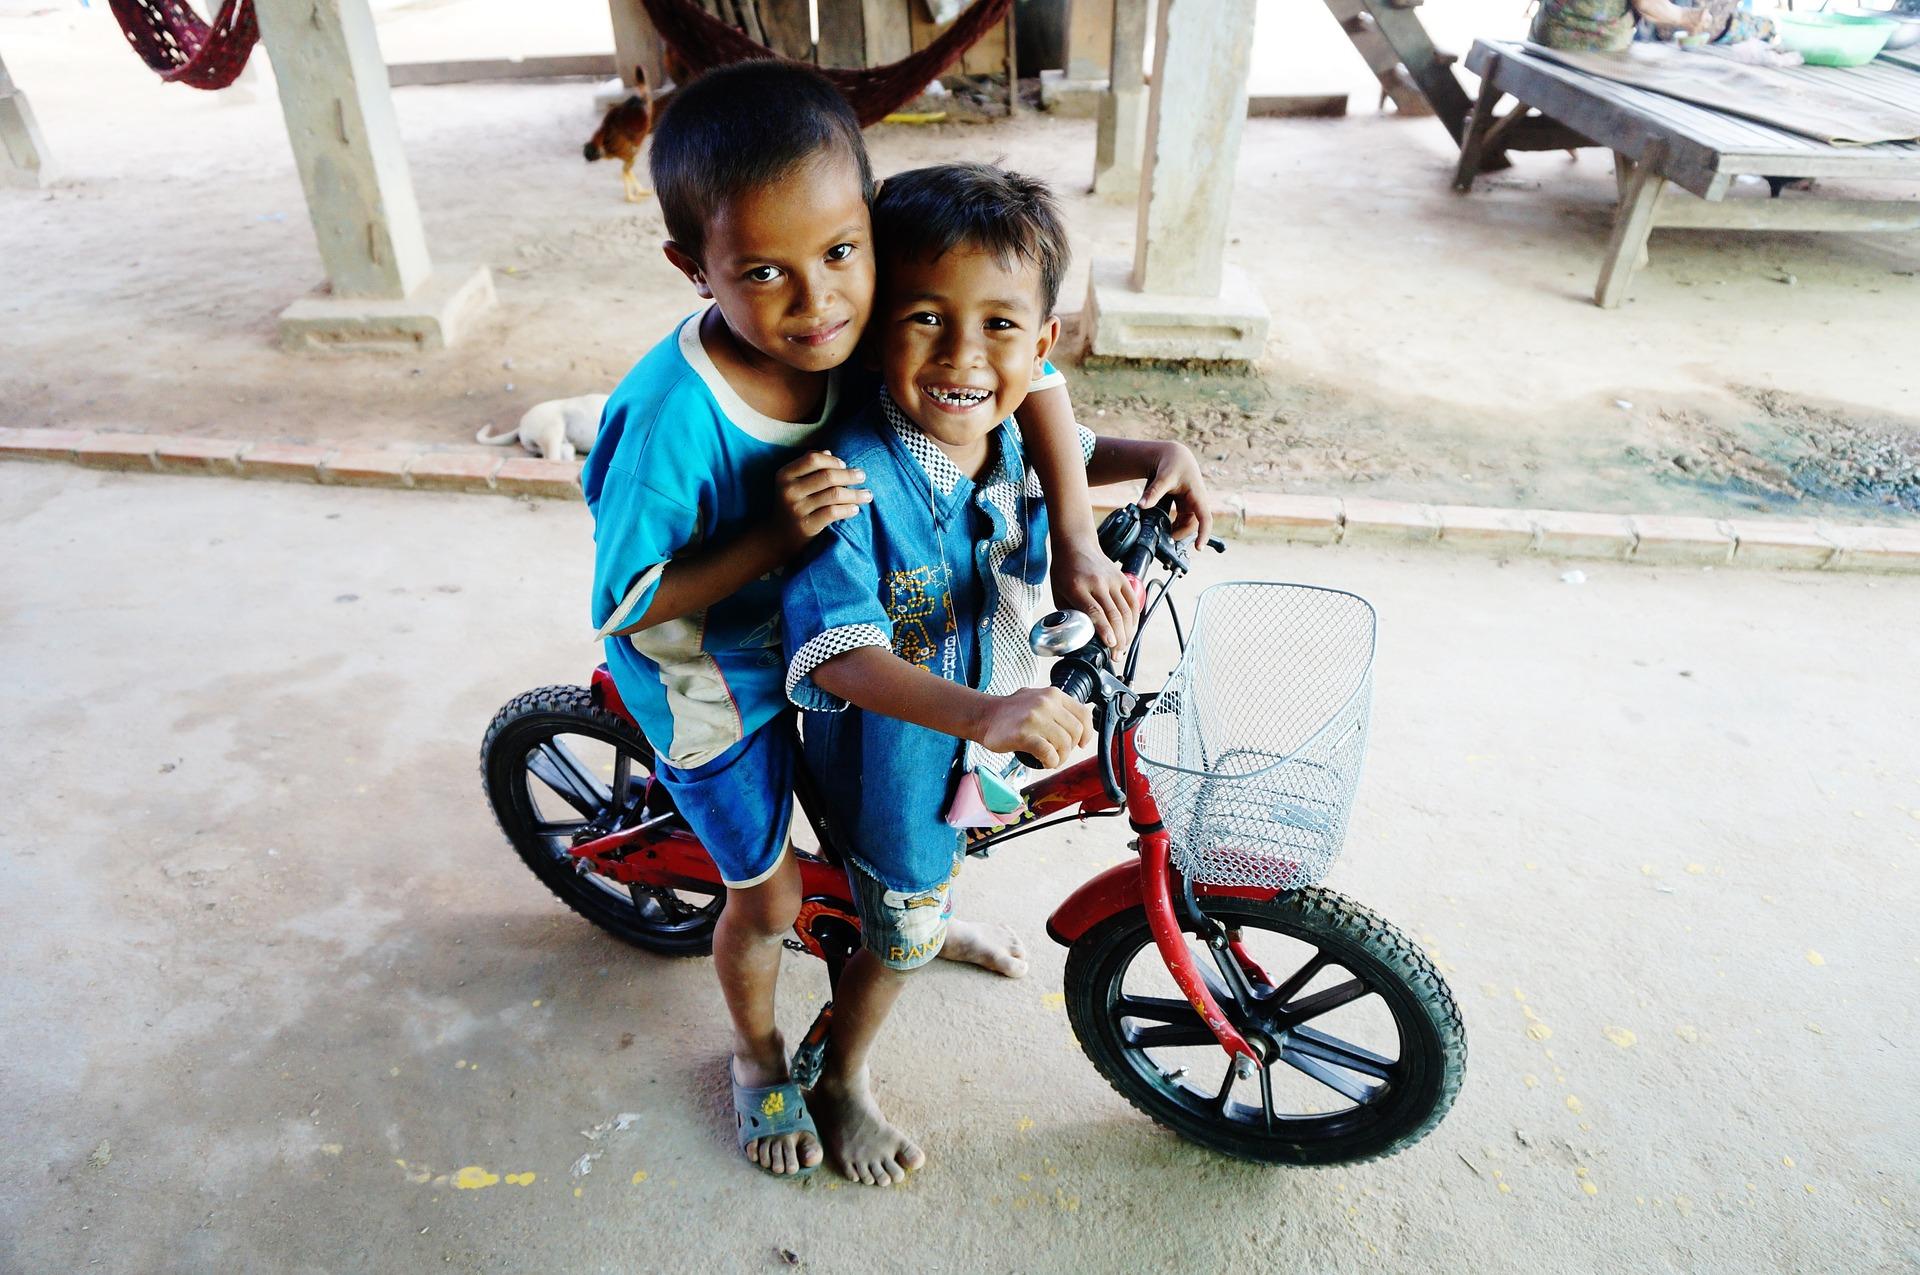 Afbeelding van twee kinderen op een fiets